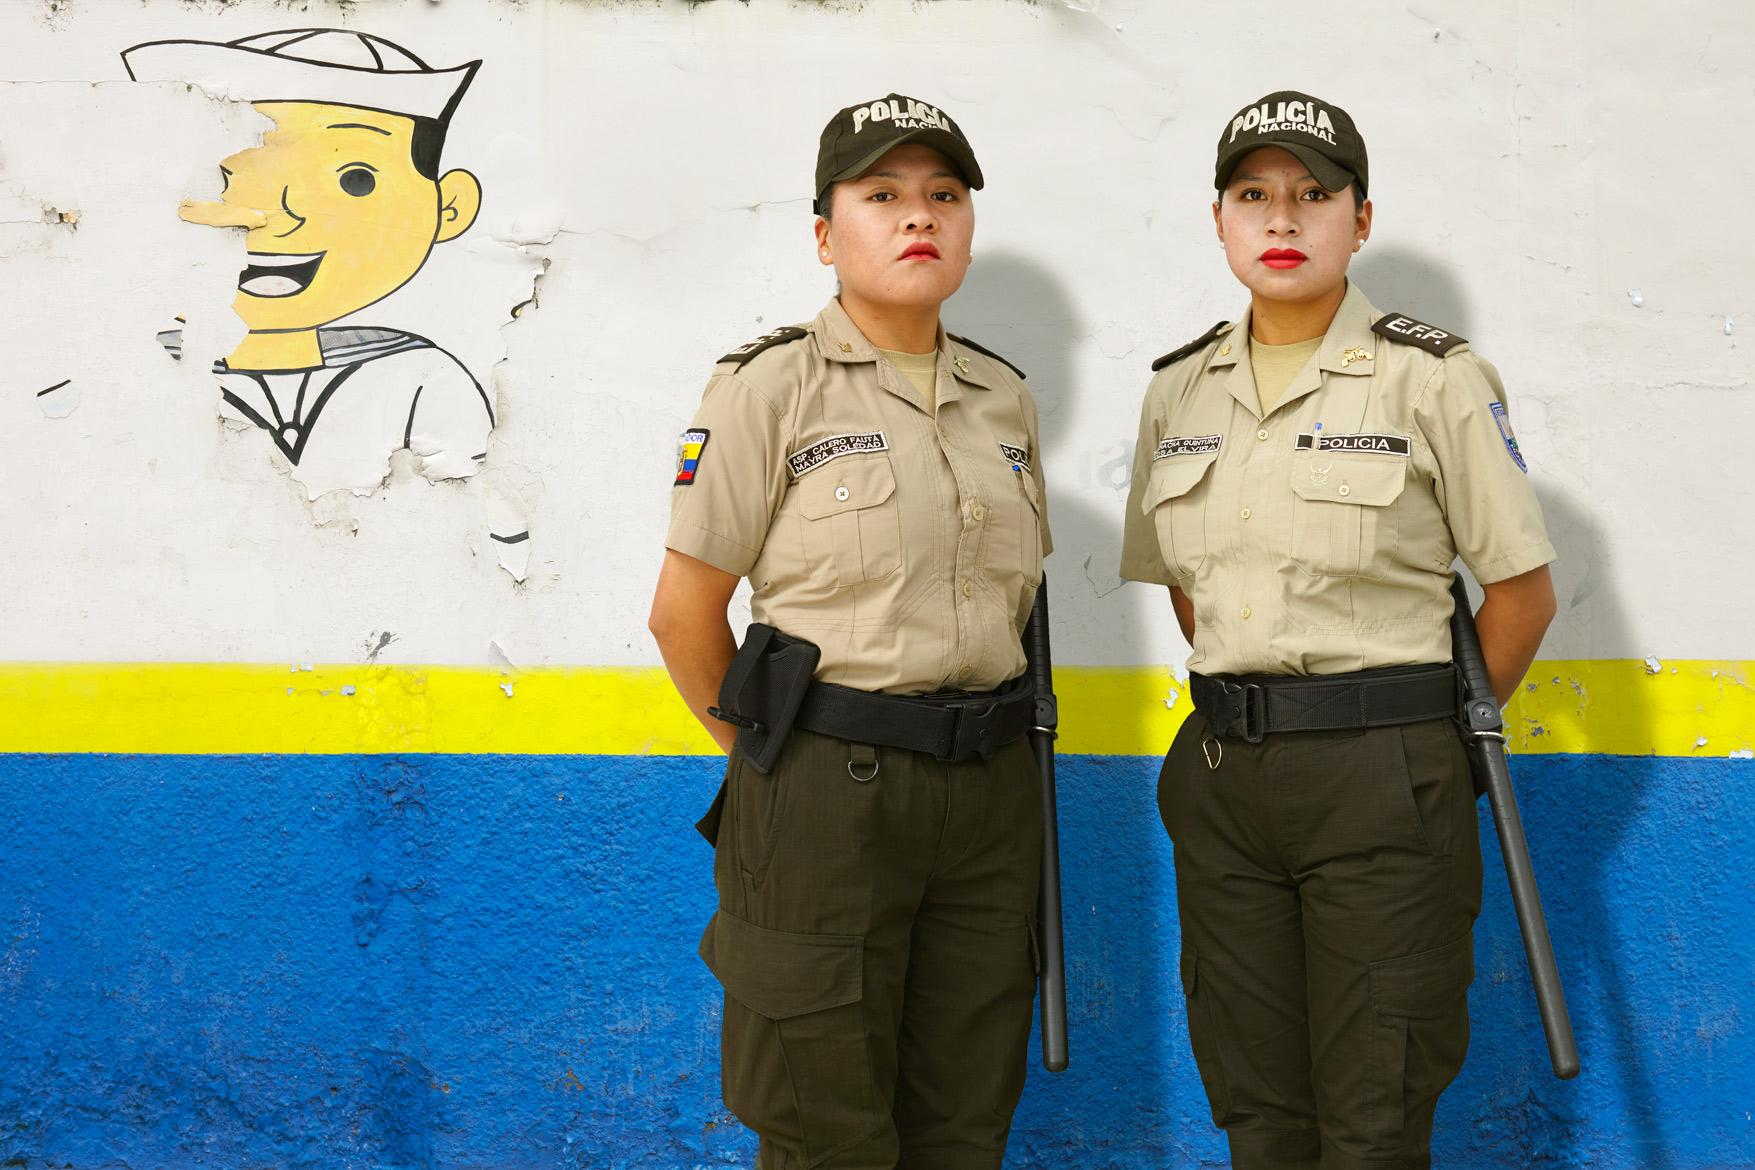 Police Women / Ecuador